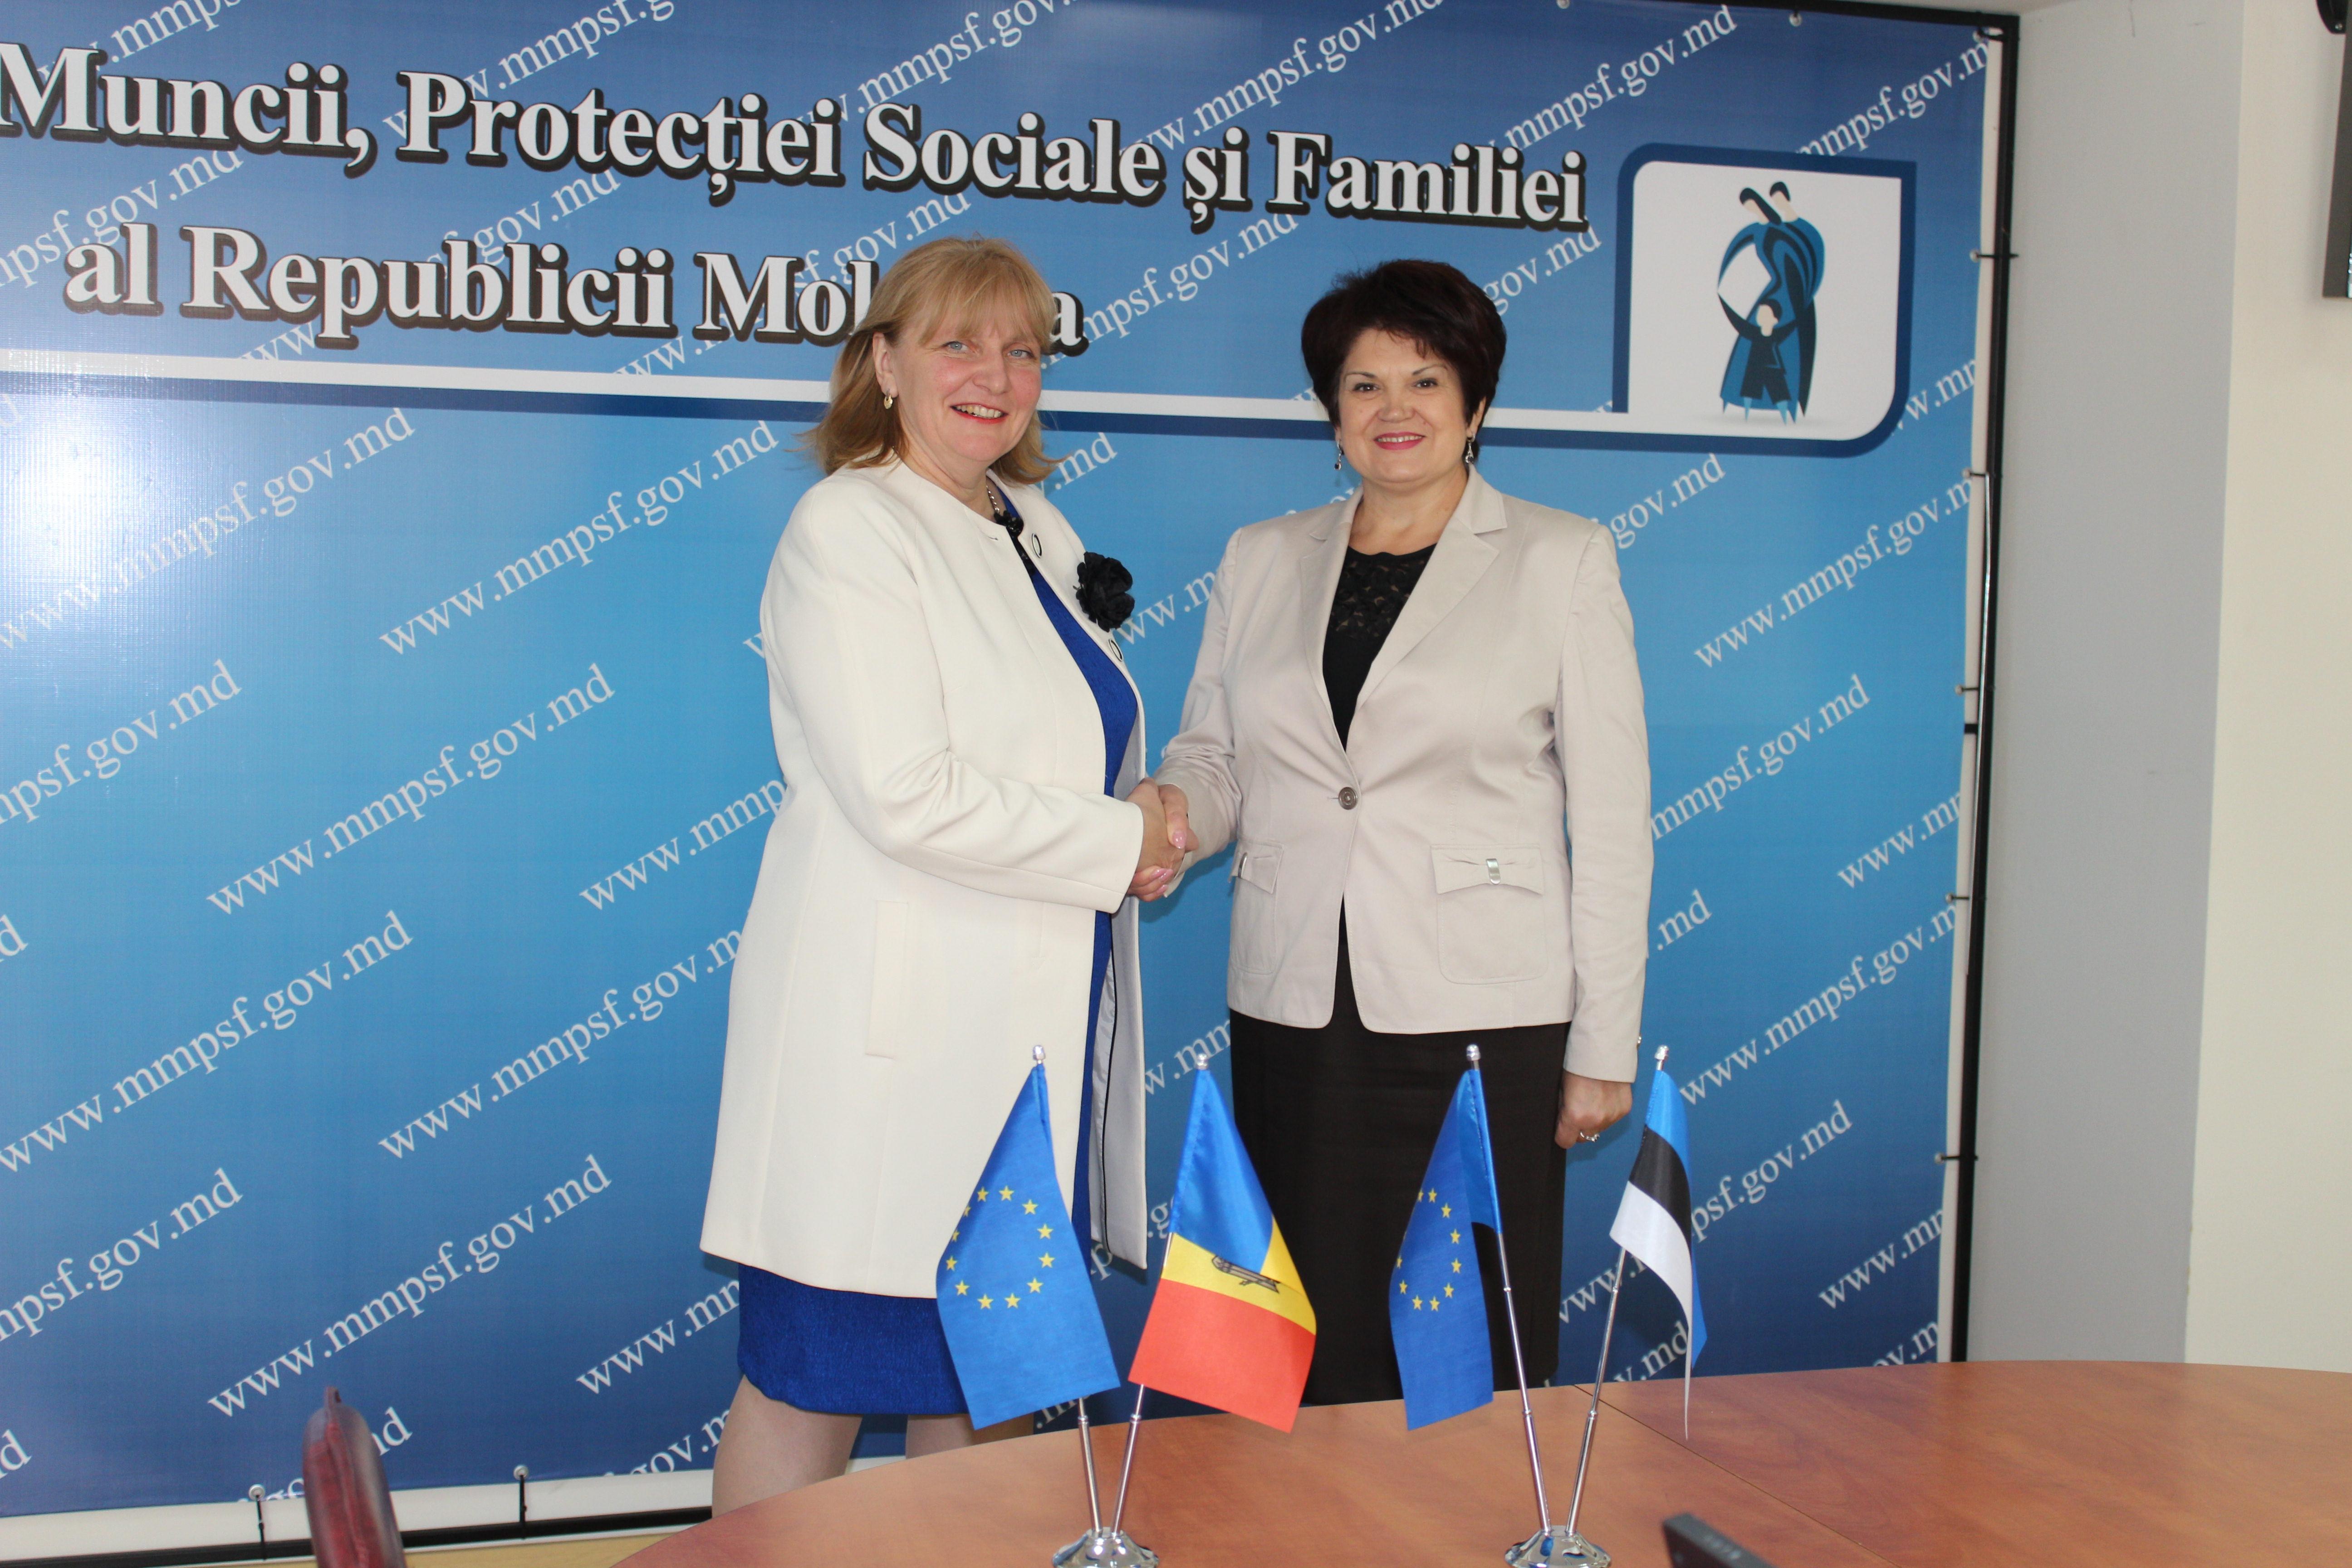 Moldova și Estonia vor colabora în domeniul protecției sociale